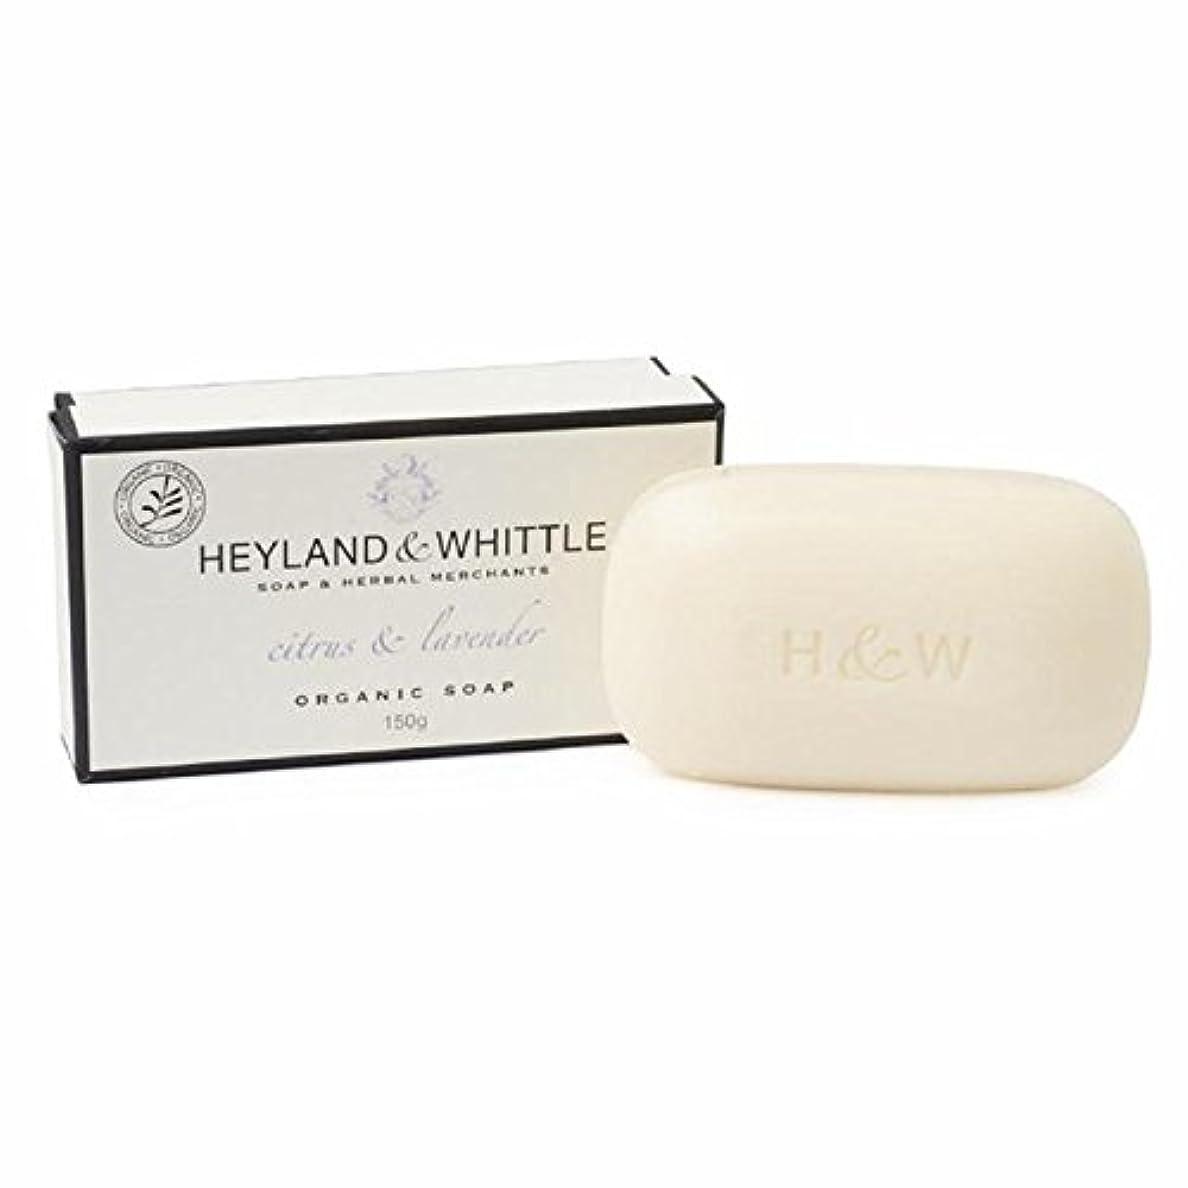 耐えられないマスタード拡大する&削るシトラス&ラベンダーは、有機石鹸150グラム箱入り x4 - Heyland & Whittle Citrus & Lavender Boxed Organic Soap 150g (Pack of 4) [並行輸入品]